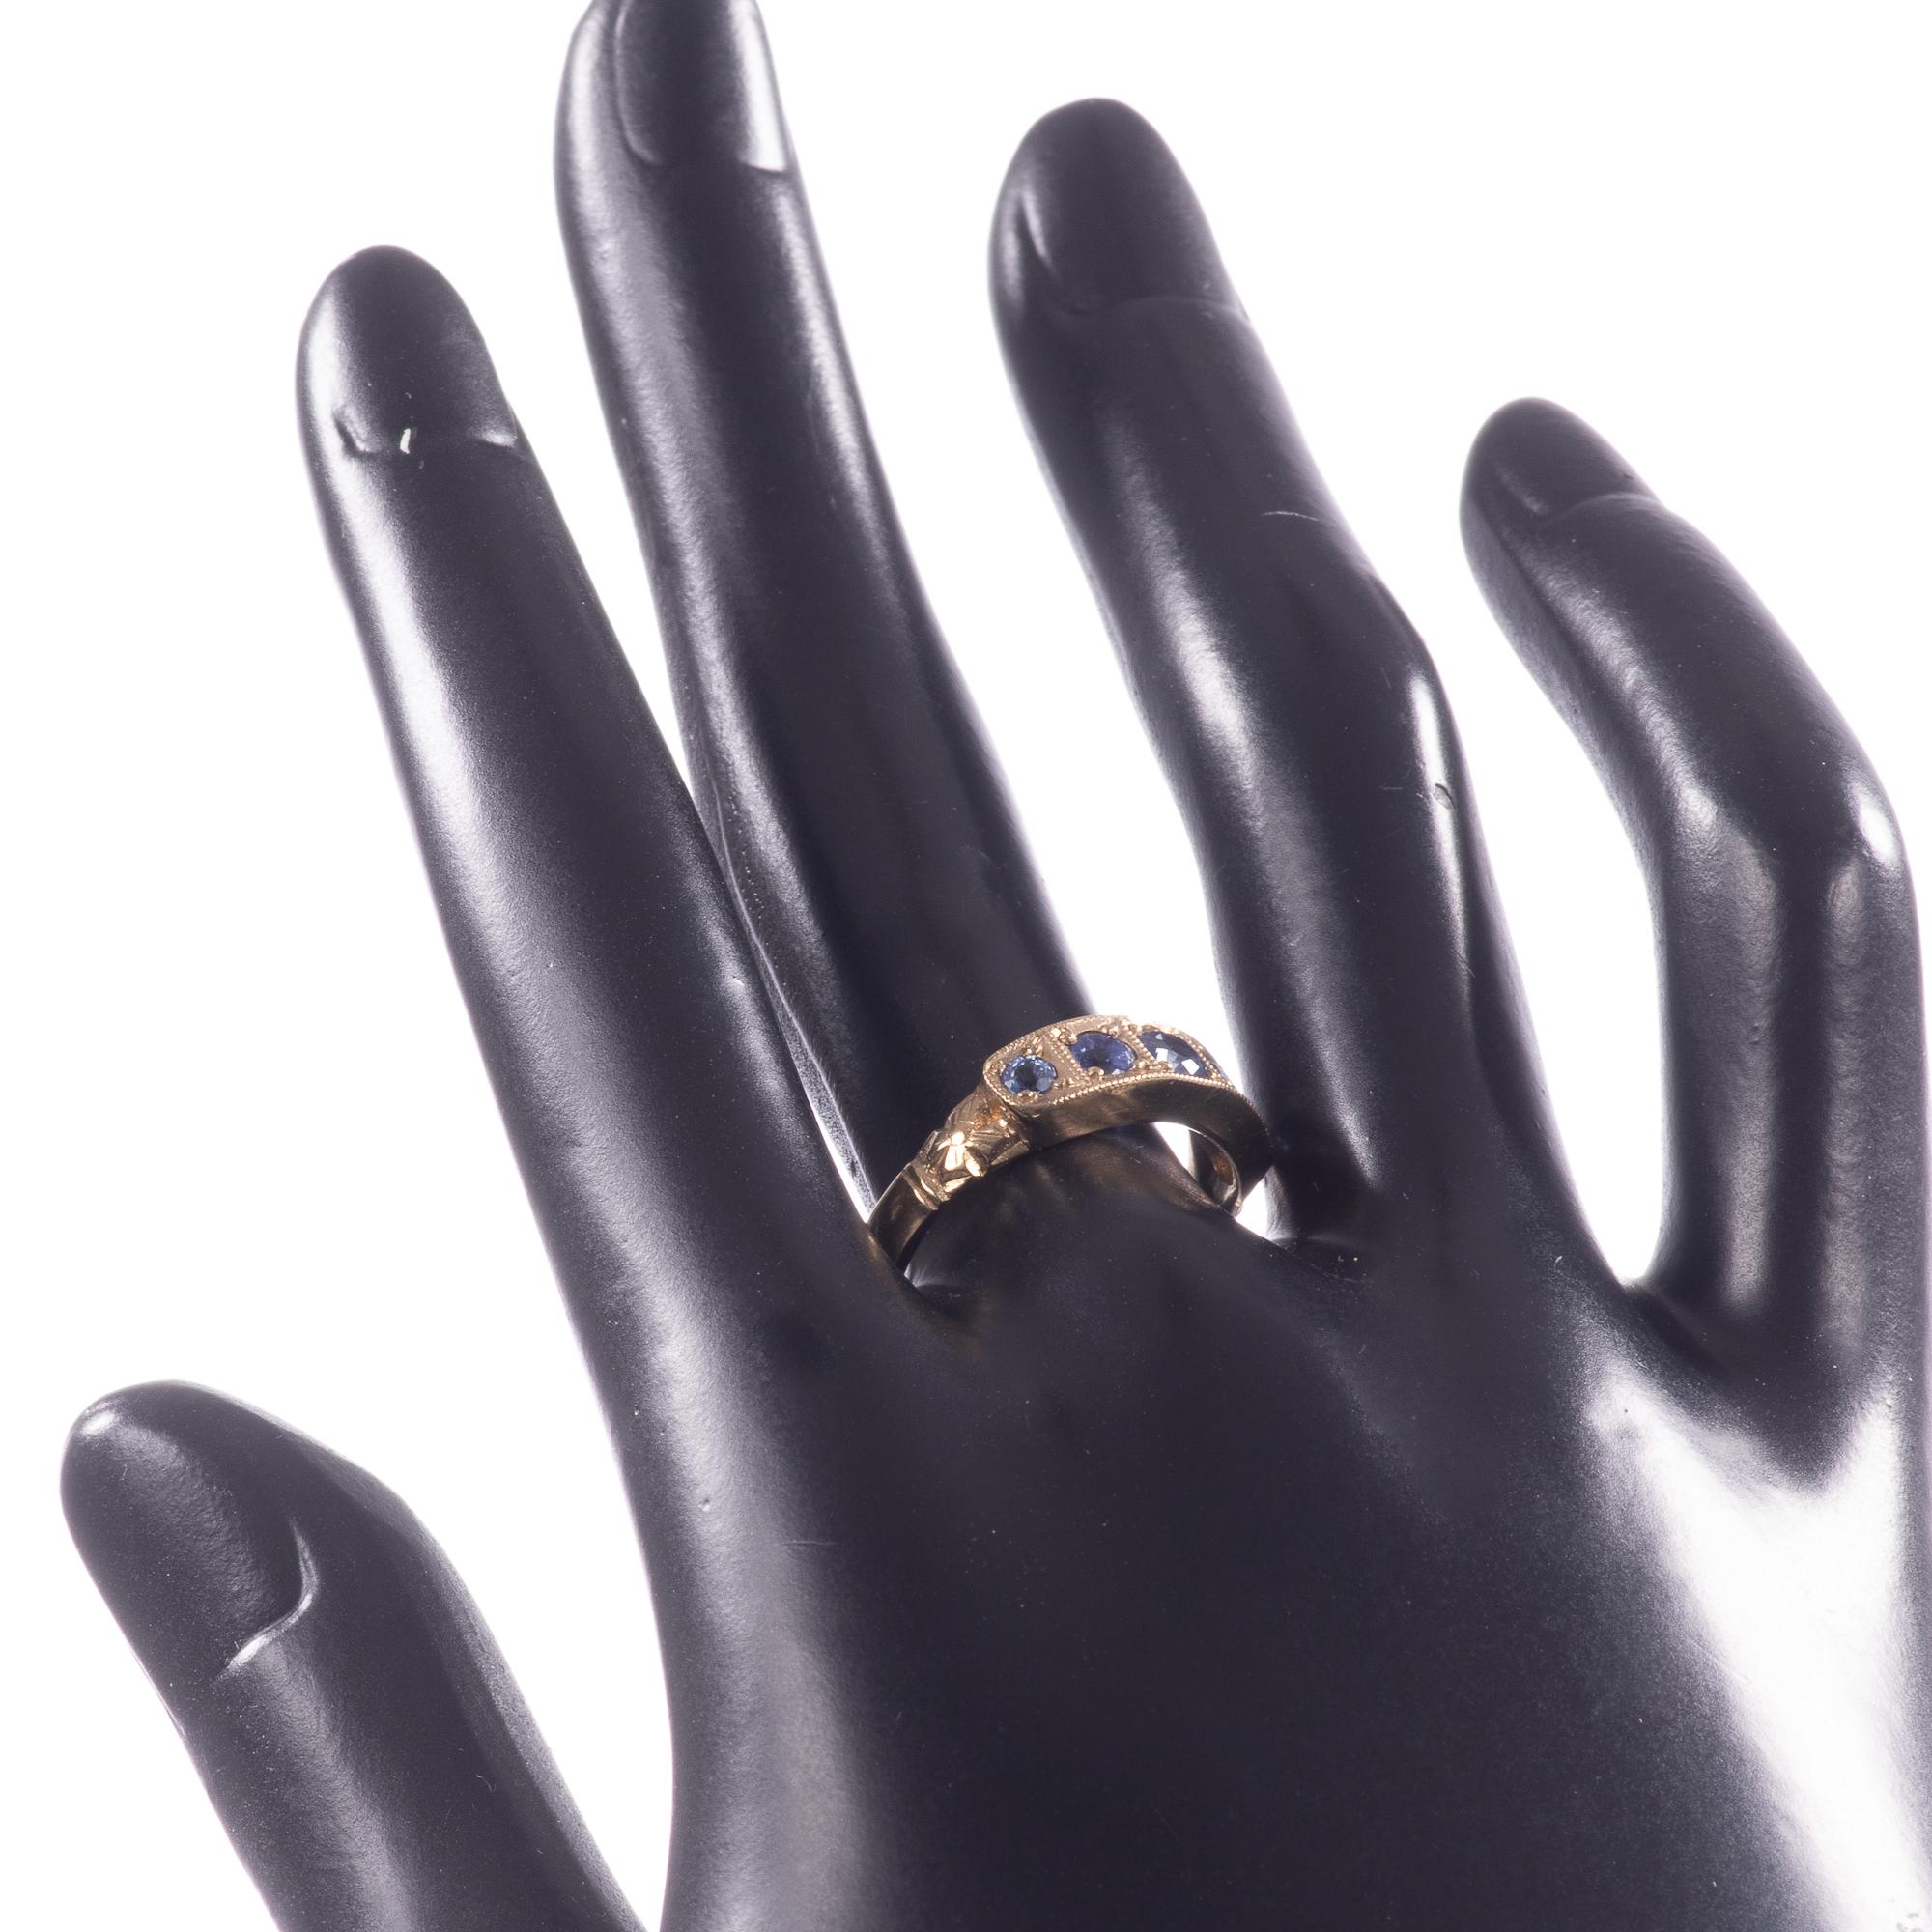 9ct Gold Aquamarine Ring - Image 2 of 8